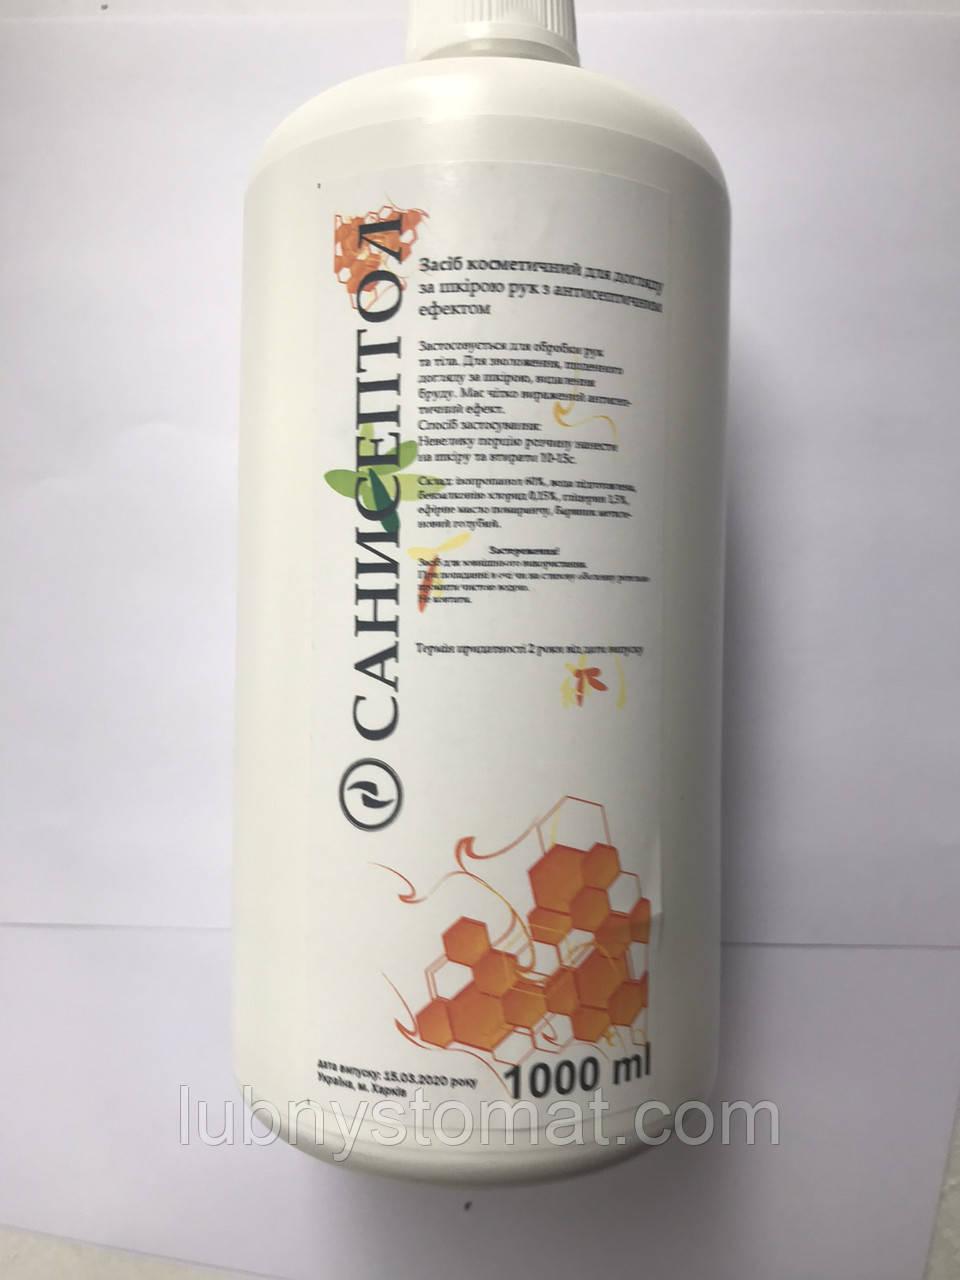 Санисептол, засіб косметичний для догляду за шкірою рук з антисептичним ефектом 1000мл